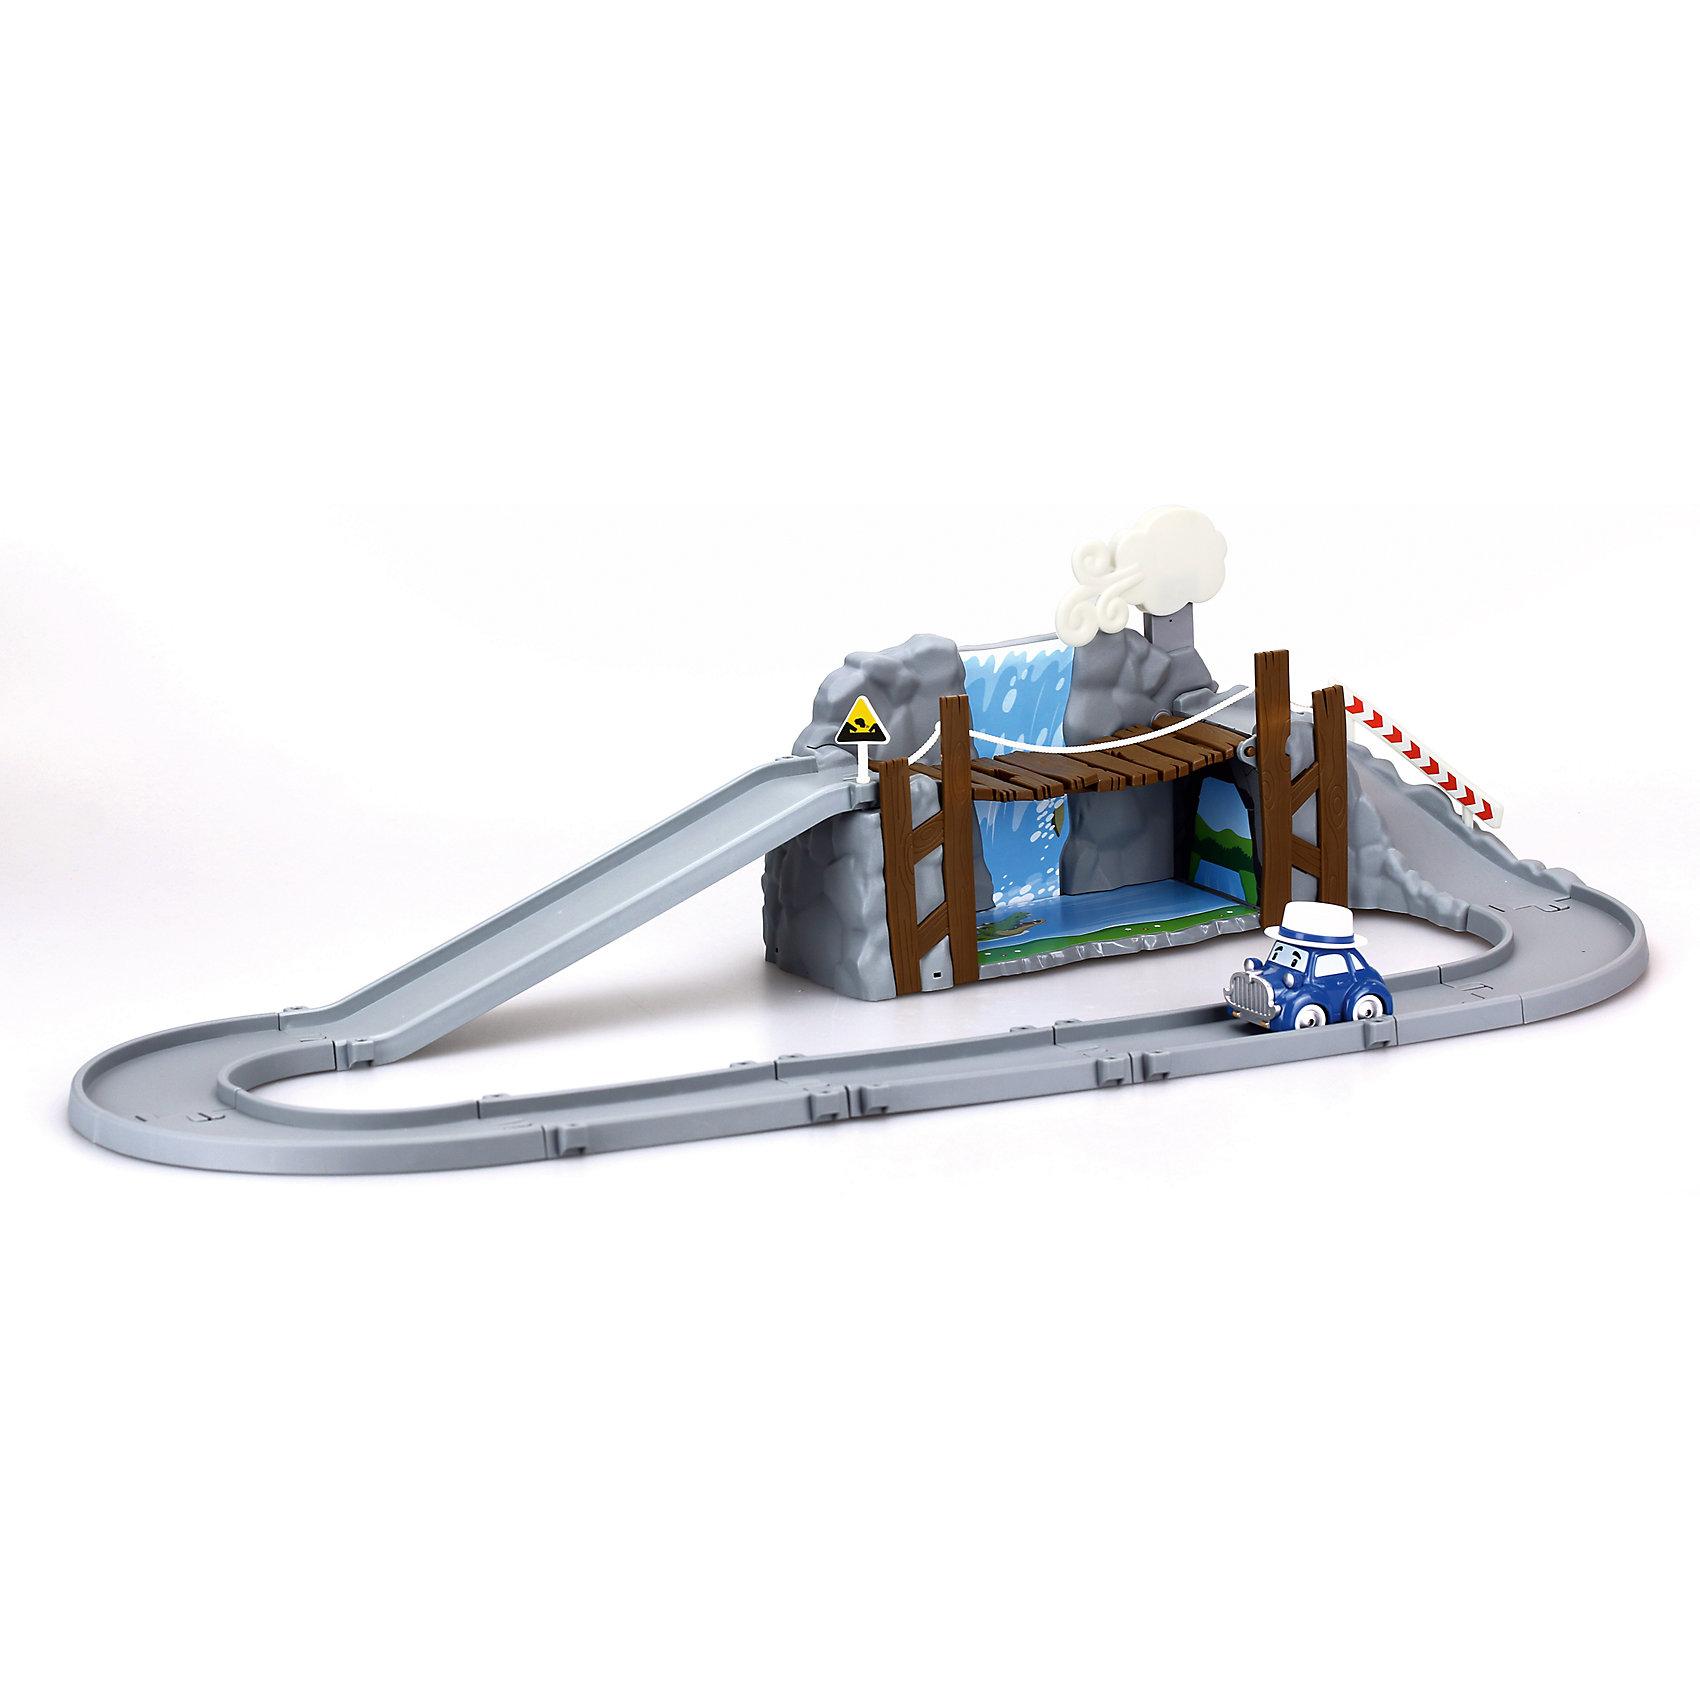 Набор Обрушающийся мост с металлической машинкой, Робокар Поли<br><br>Ширина мм: 170<br>Глубина мм: 350<br>Высота мм: 17<br>Вес г: 986<br>Возраст от месяцев: 36<br>Возраст до месяцев: 2147483647<br>Пол: Унисекс<br>Возраст: Детский<br>SKU: 5106283